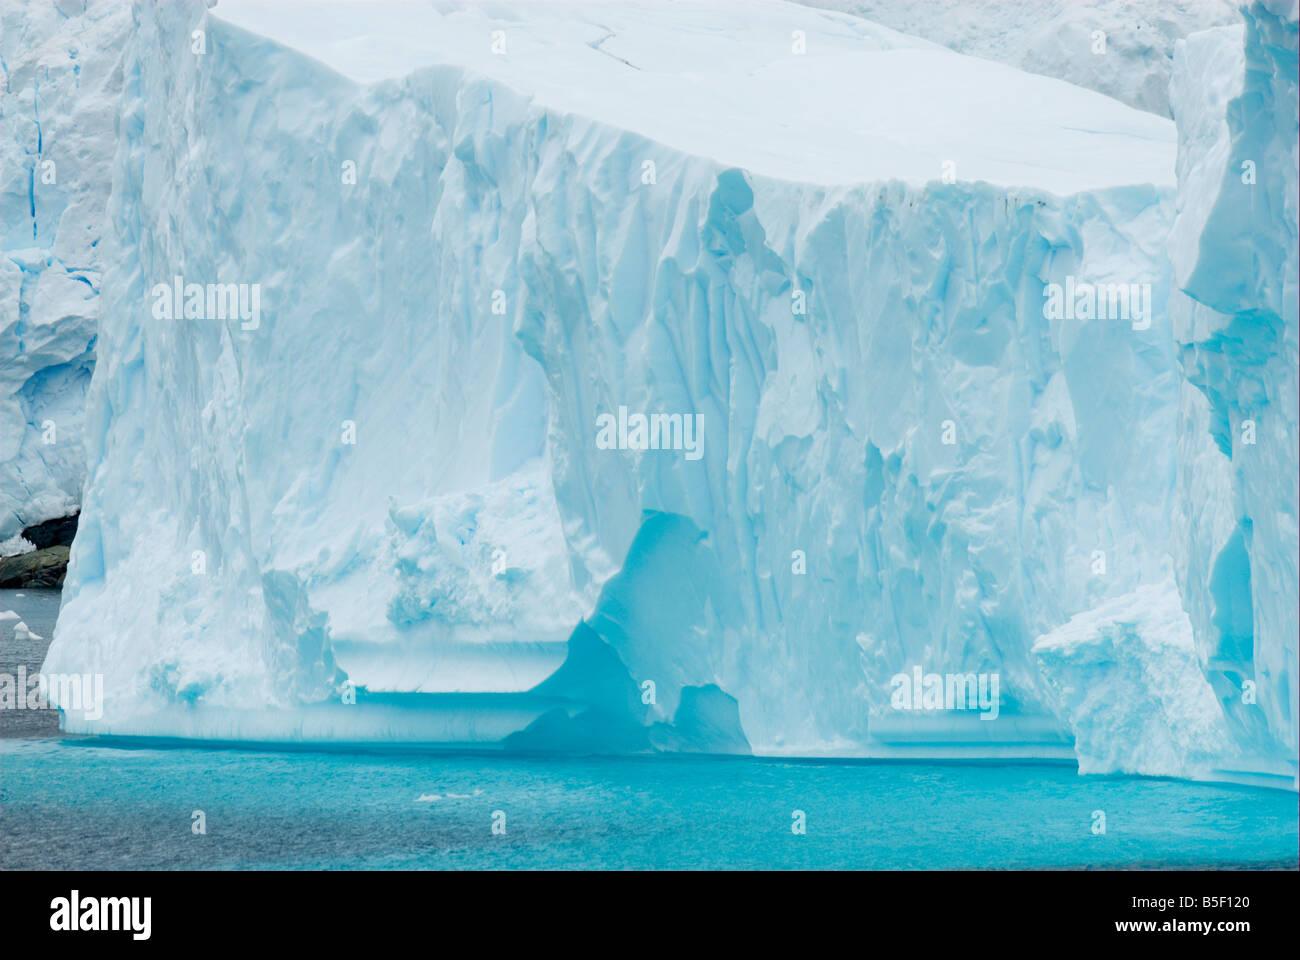 Iceberg in a bay - Stock Image